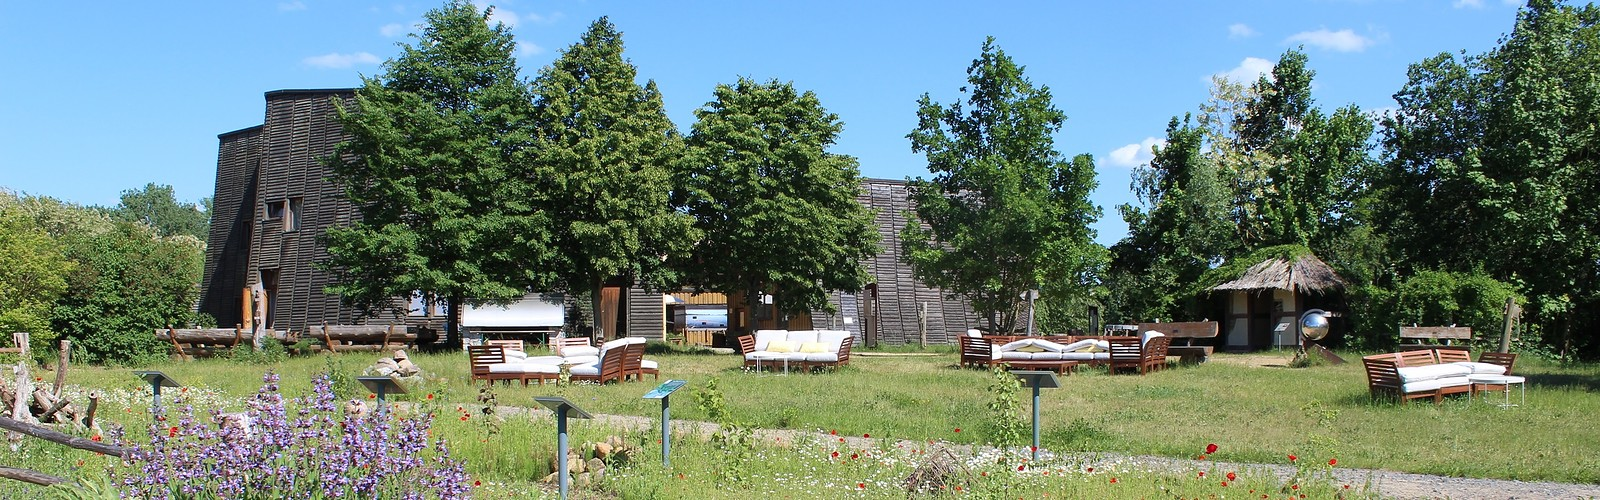 Naturgarten der Blumberger Mühle, Foto: Blumberger Mühle